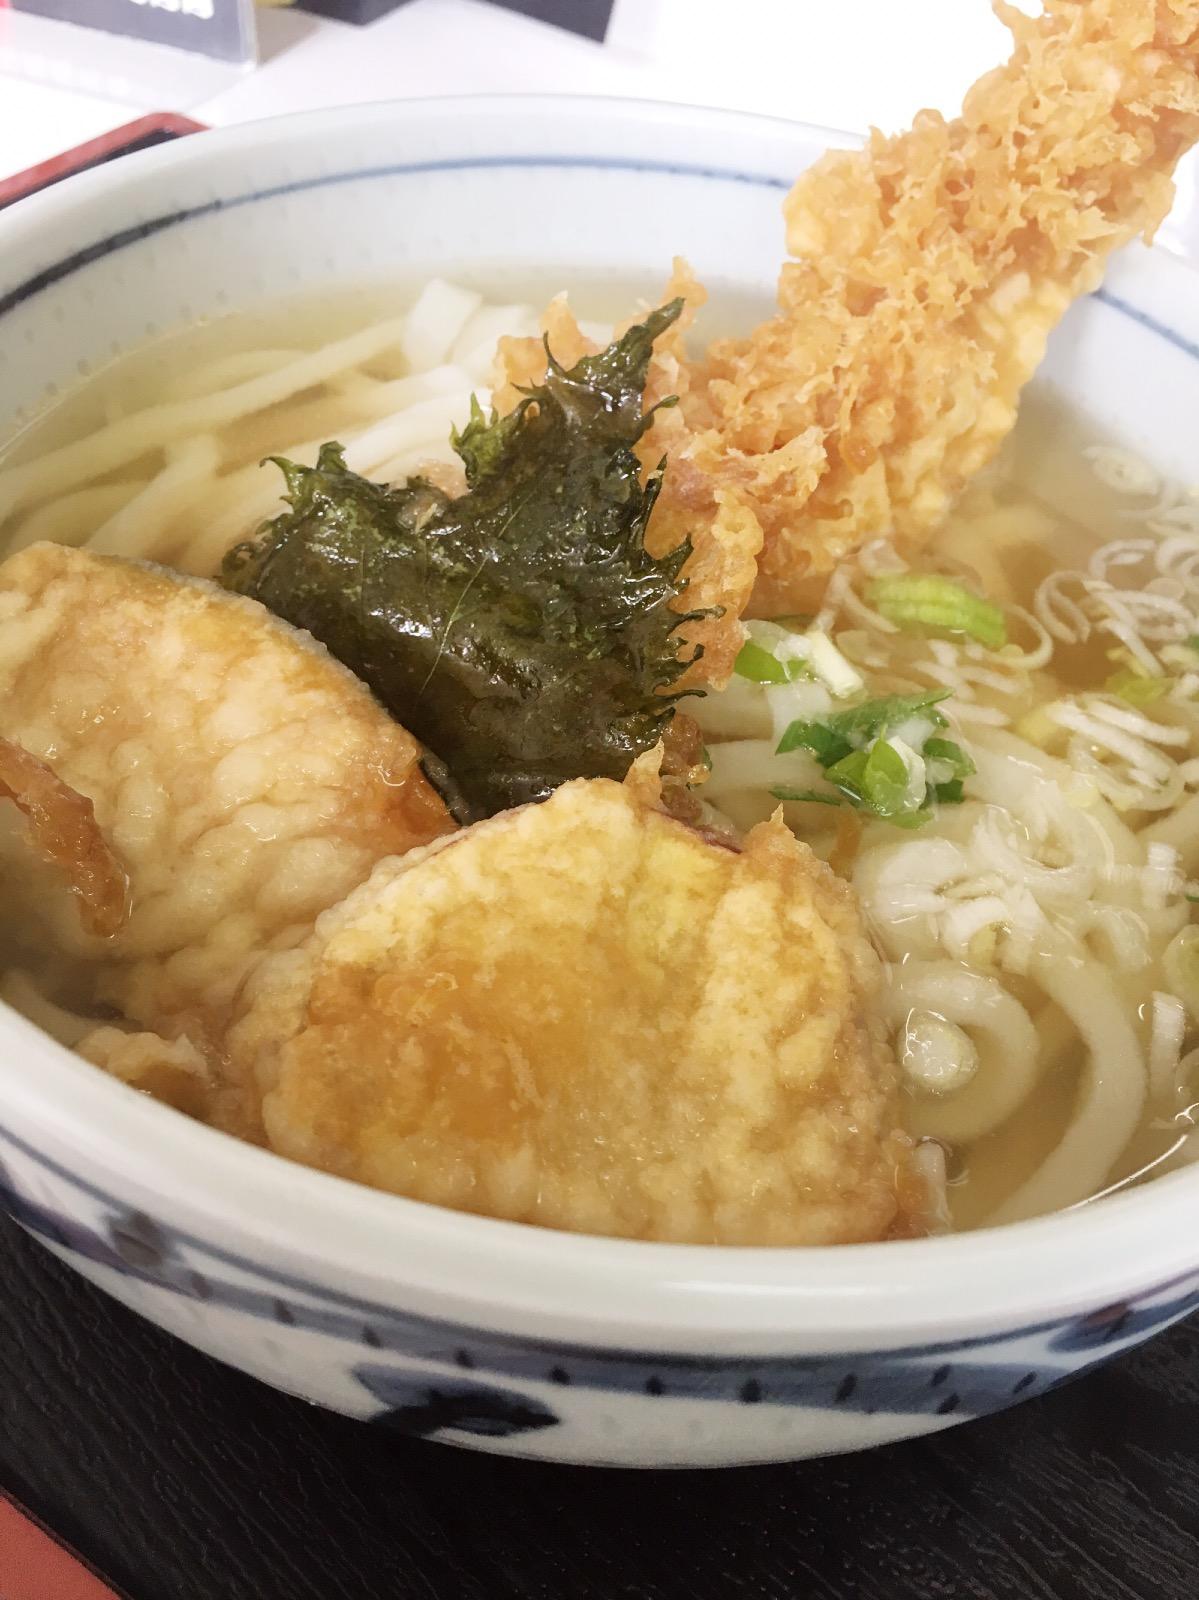 【てる山うどん】 熊本!讃岐うどんが美味しい人気店!浜線@メニュー